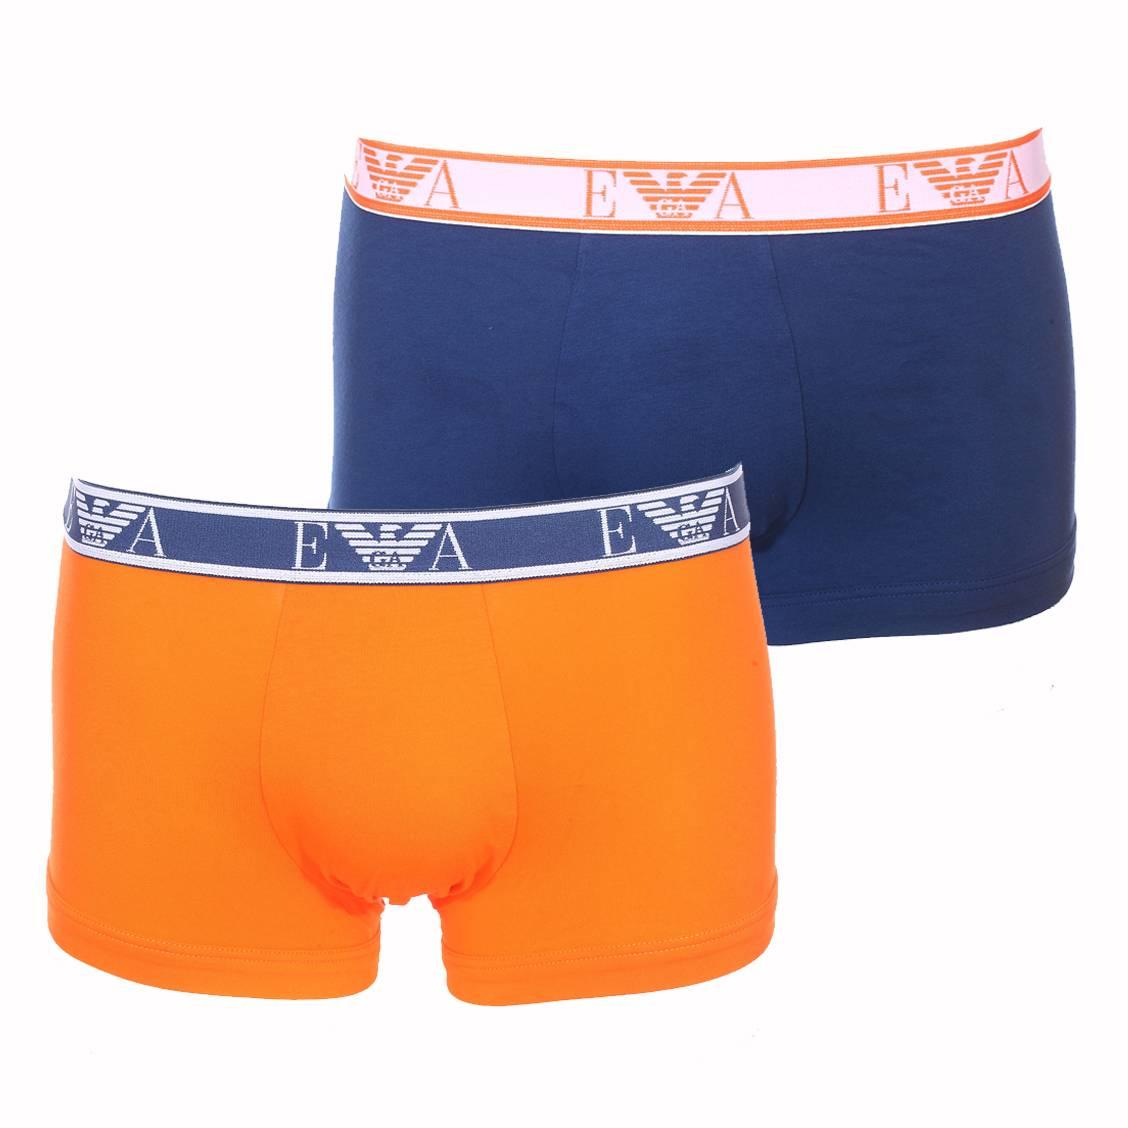 Lot de 2 boxers  en coton stretch bleu pétrole et orange